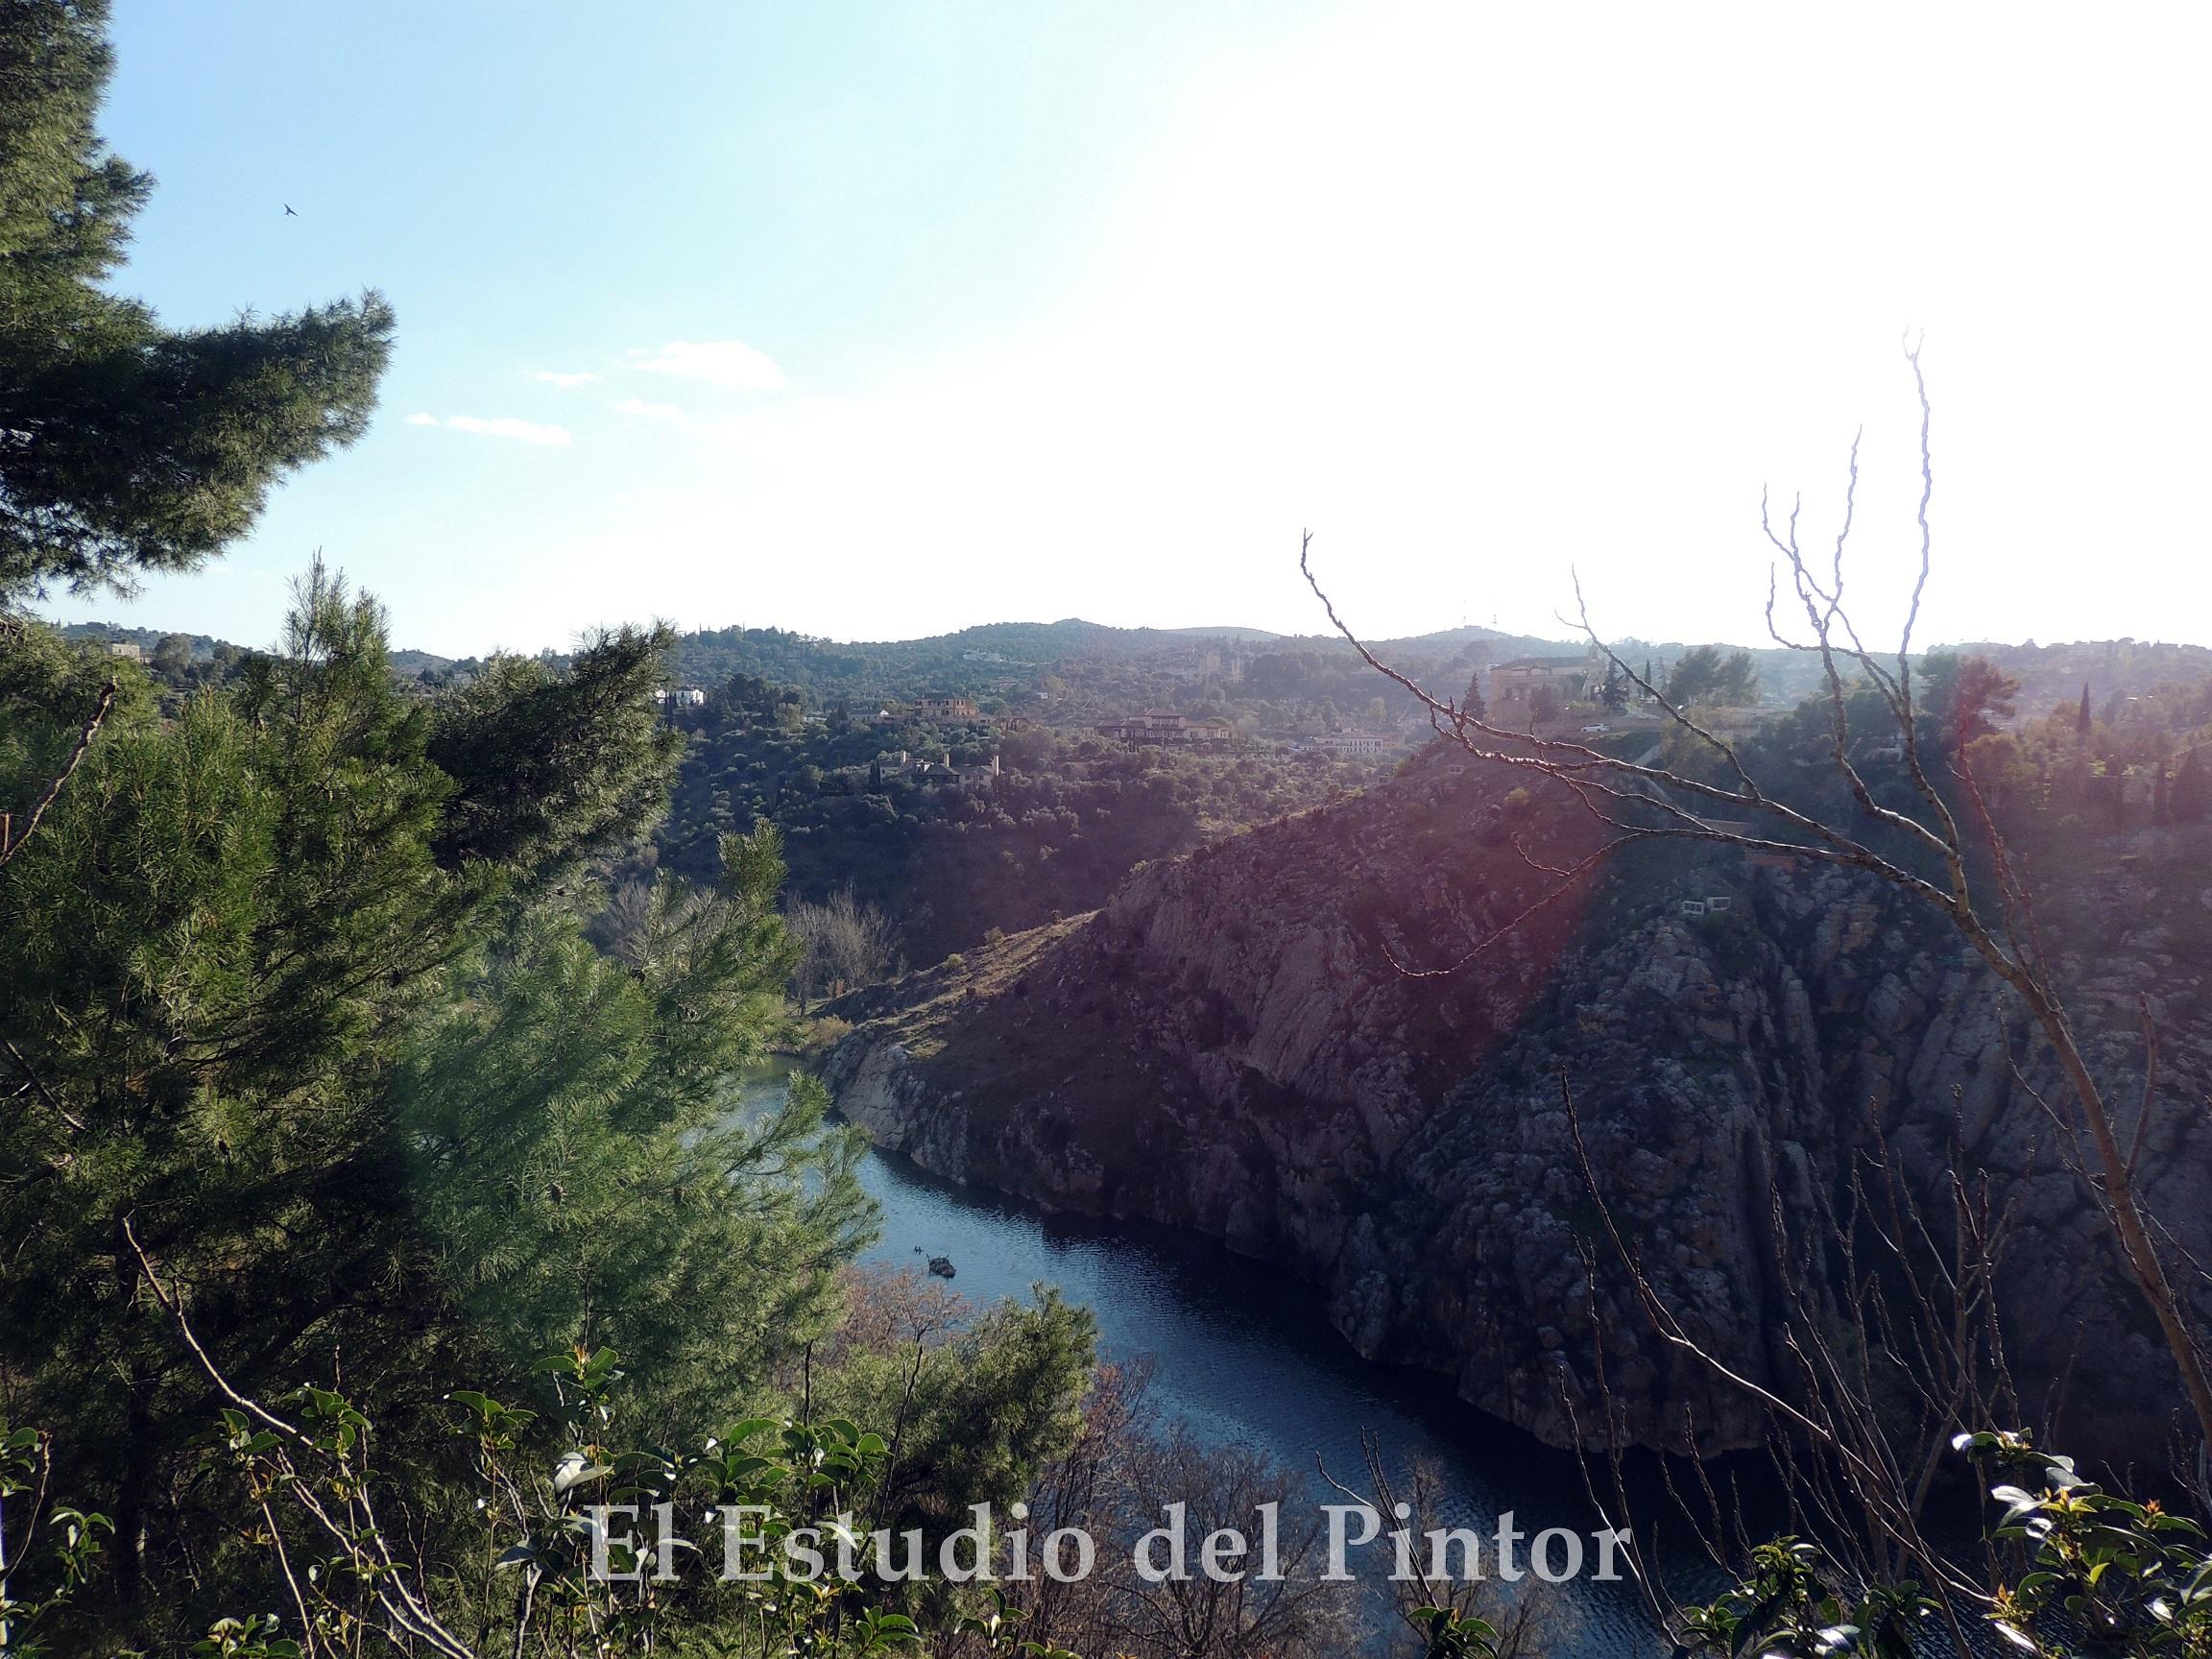 10. Río Tajo